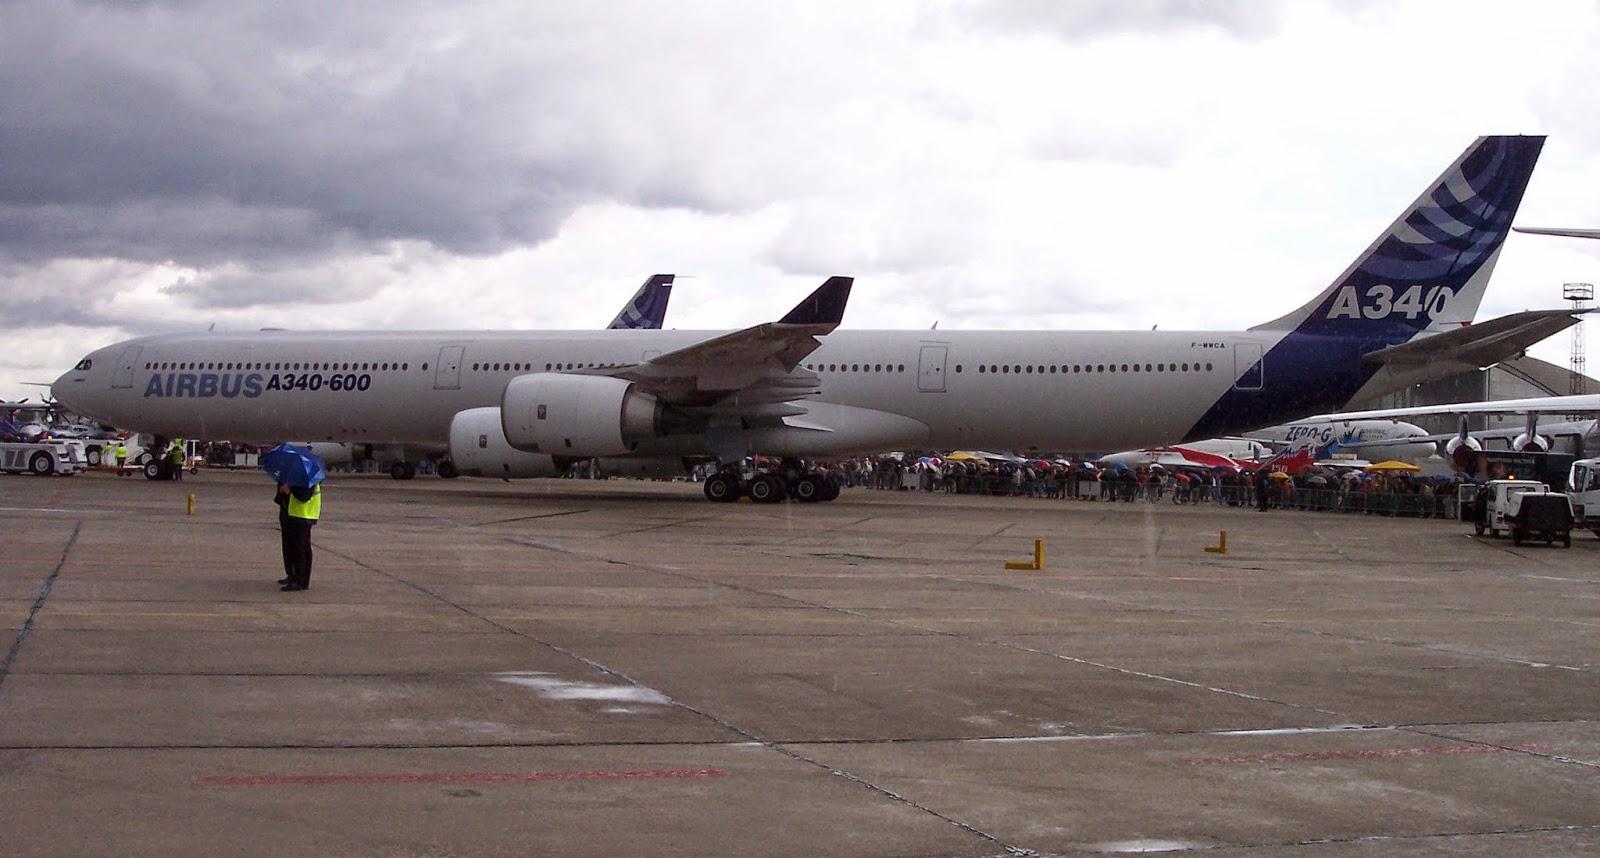 Pesawat Terbesar di Dunia ke-2 Airbus A340-600